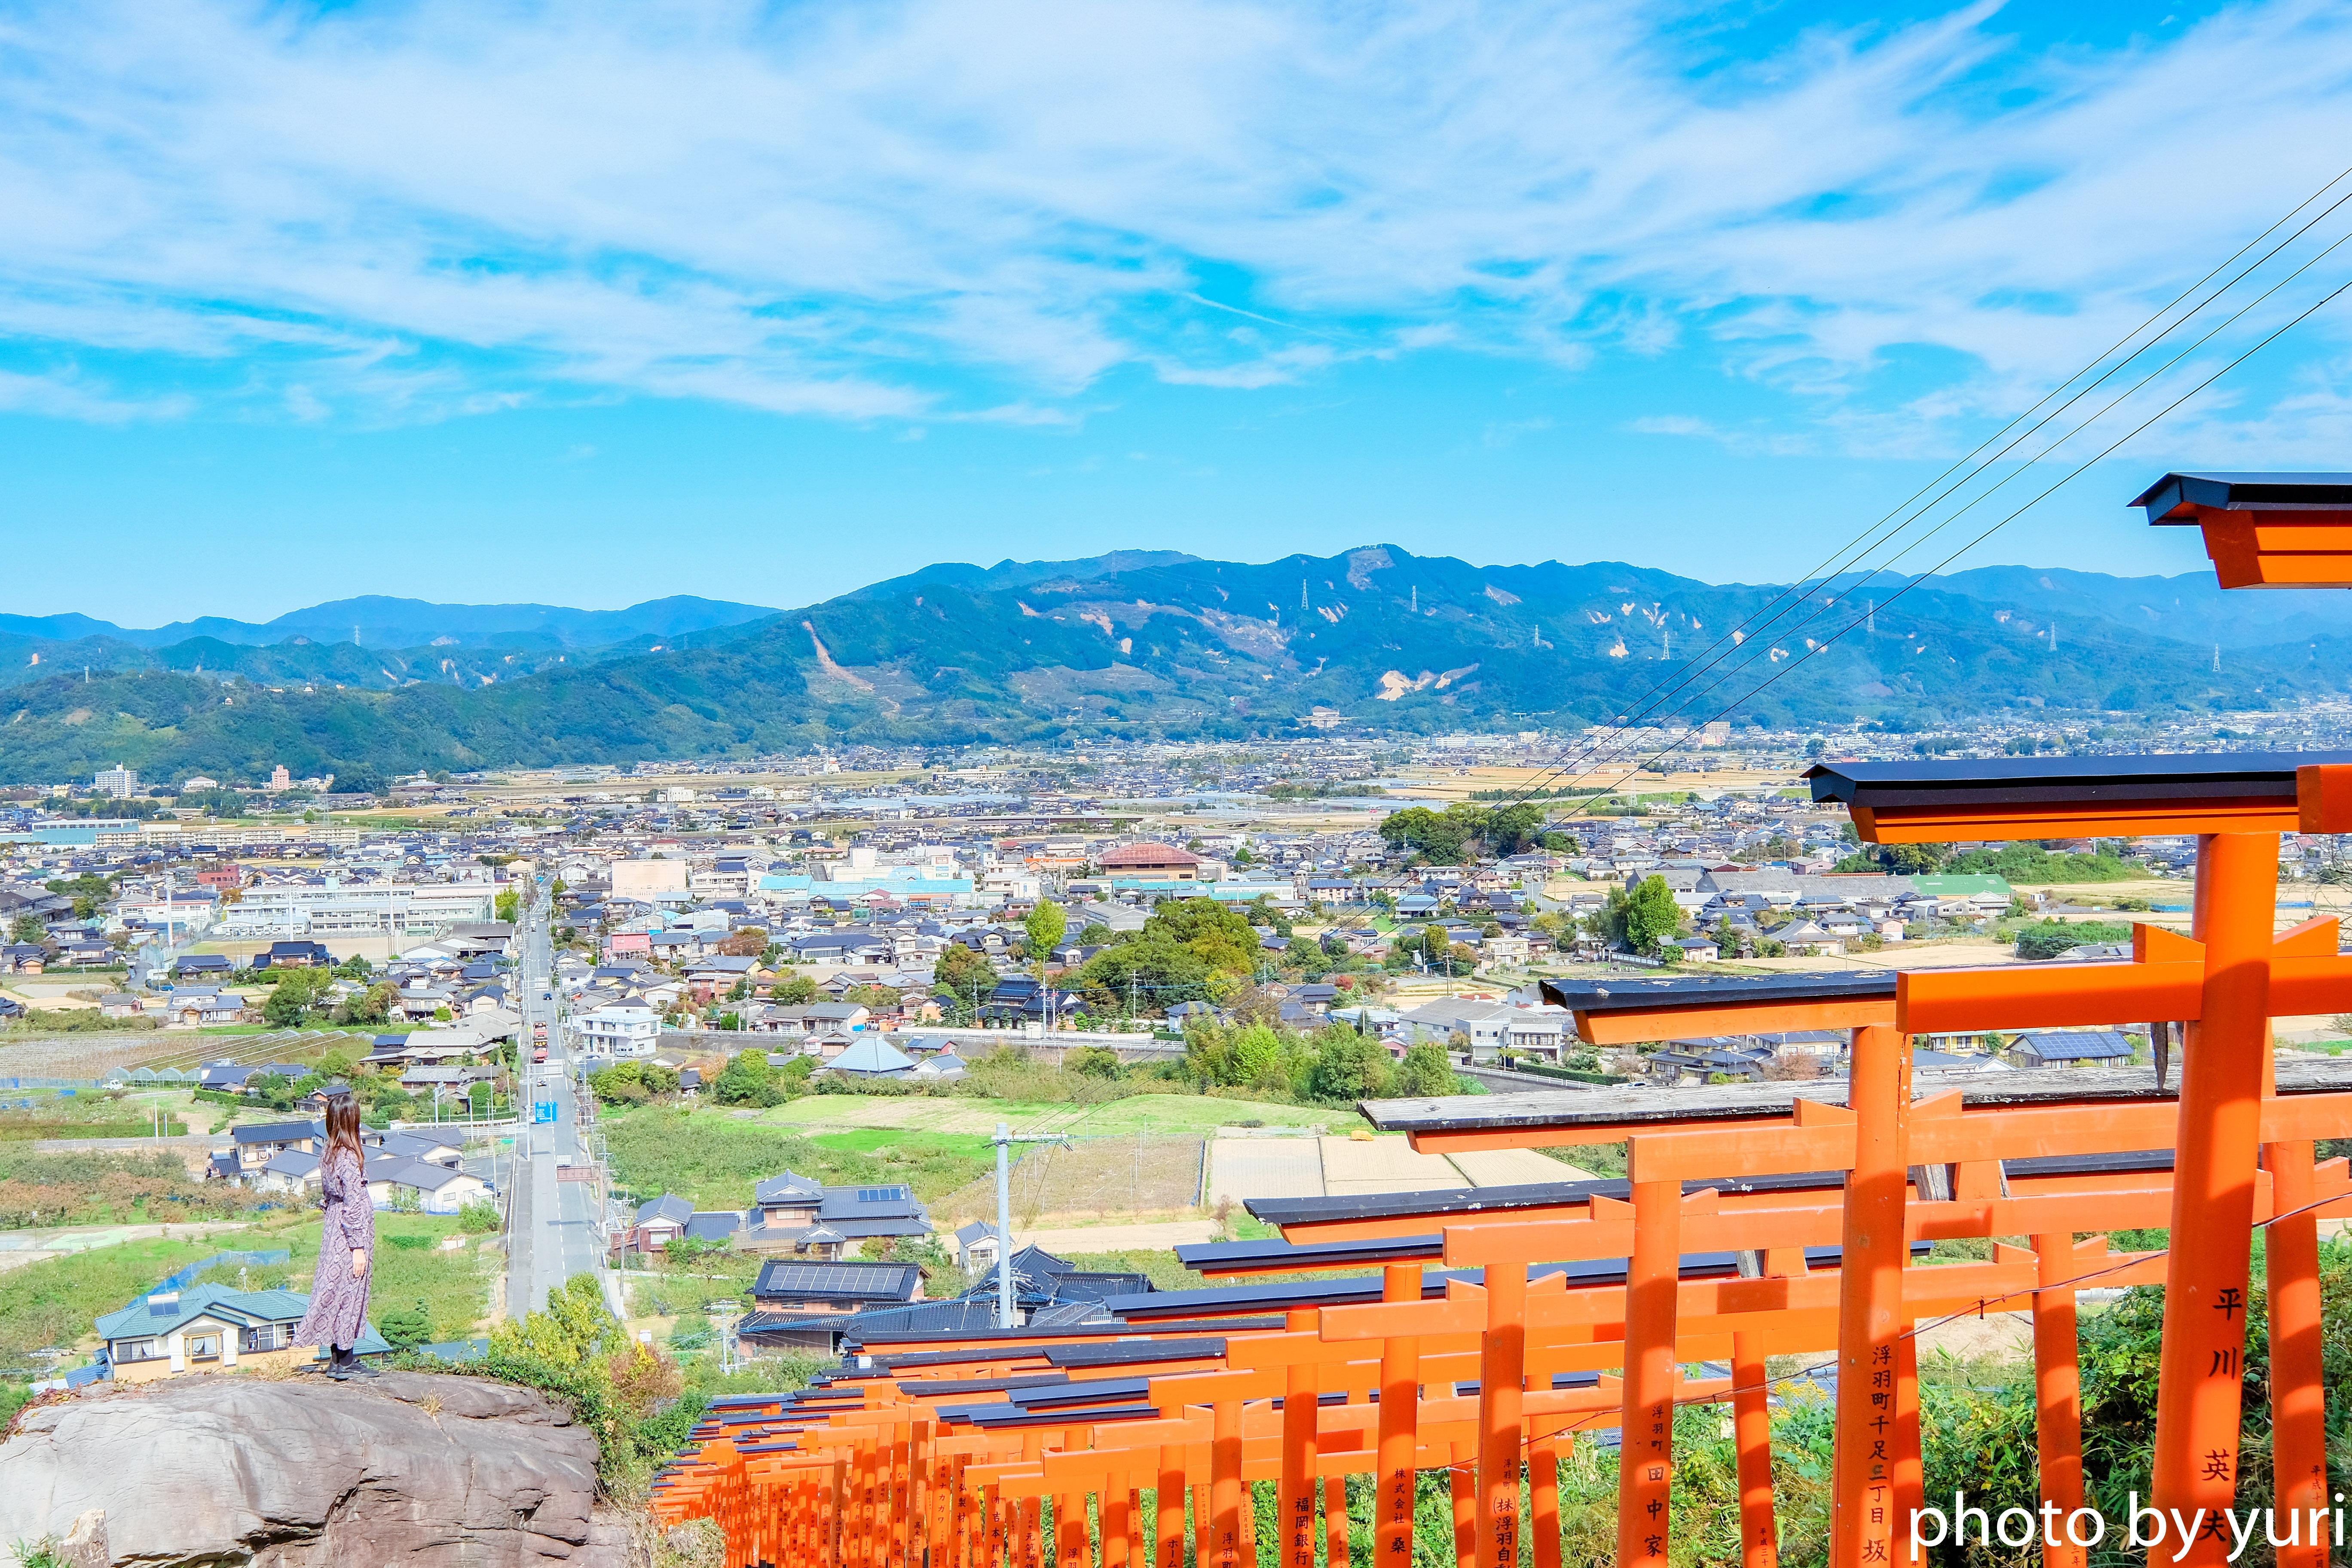 一度は見るべき絶景!浮羽稲荷神社まで電車+徒歩で行ってきた話